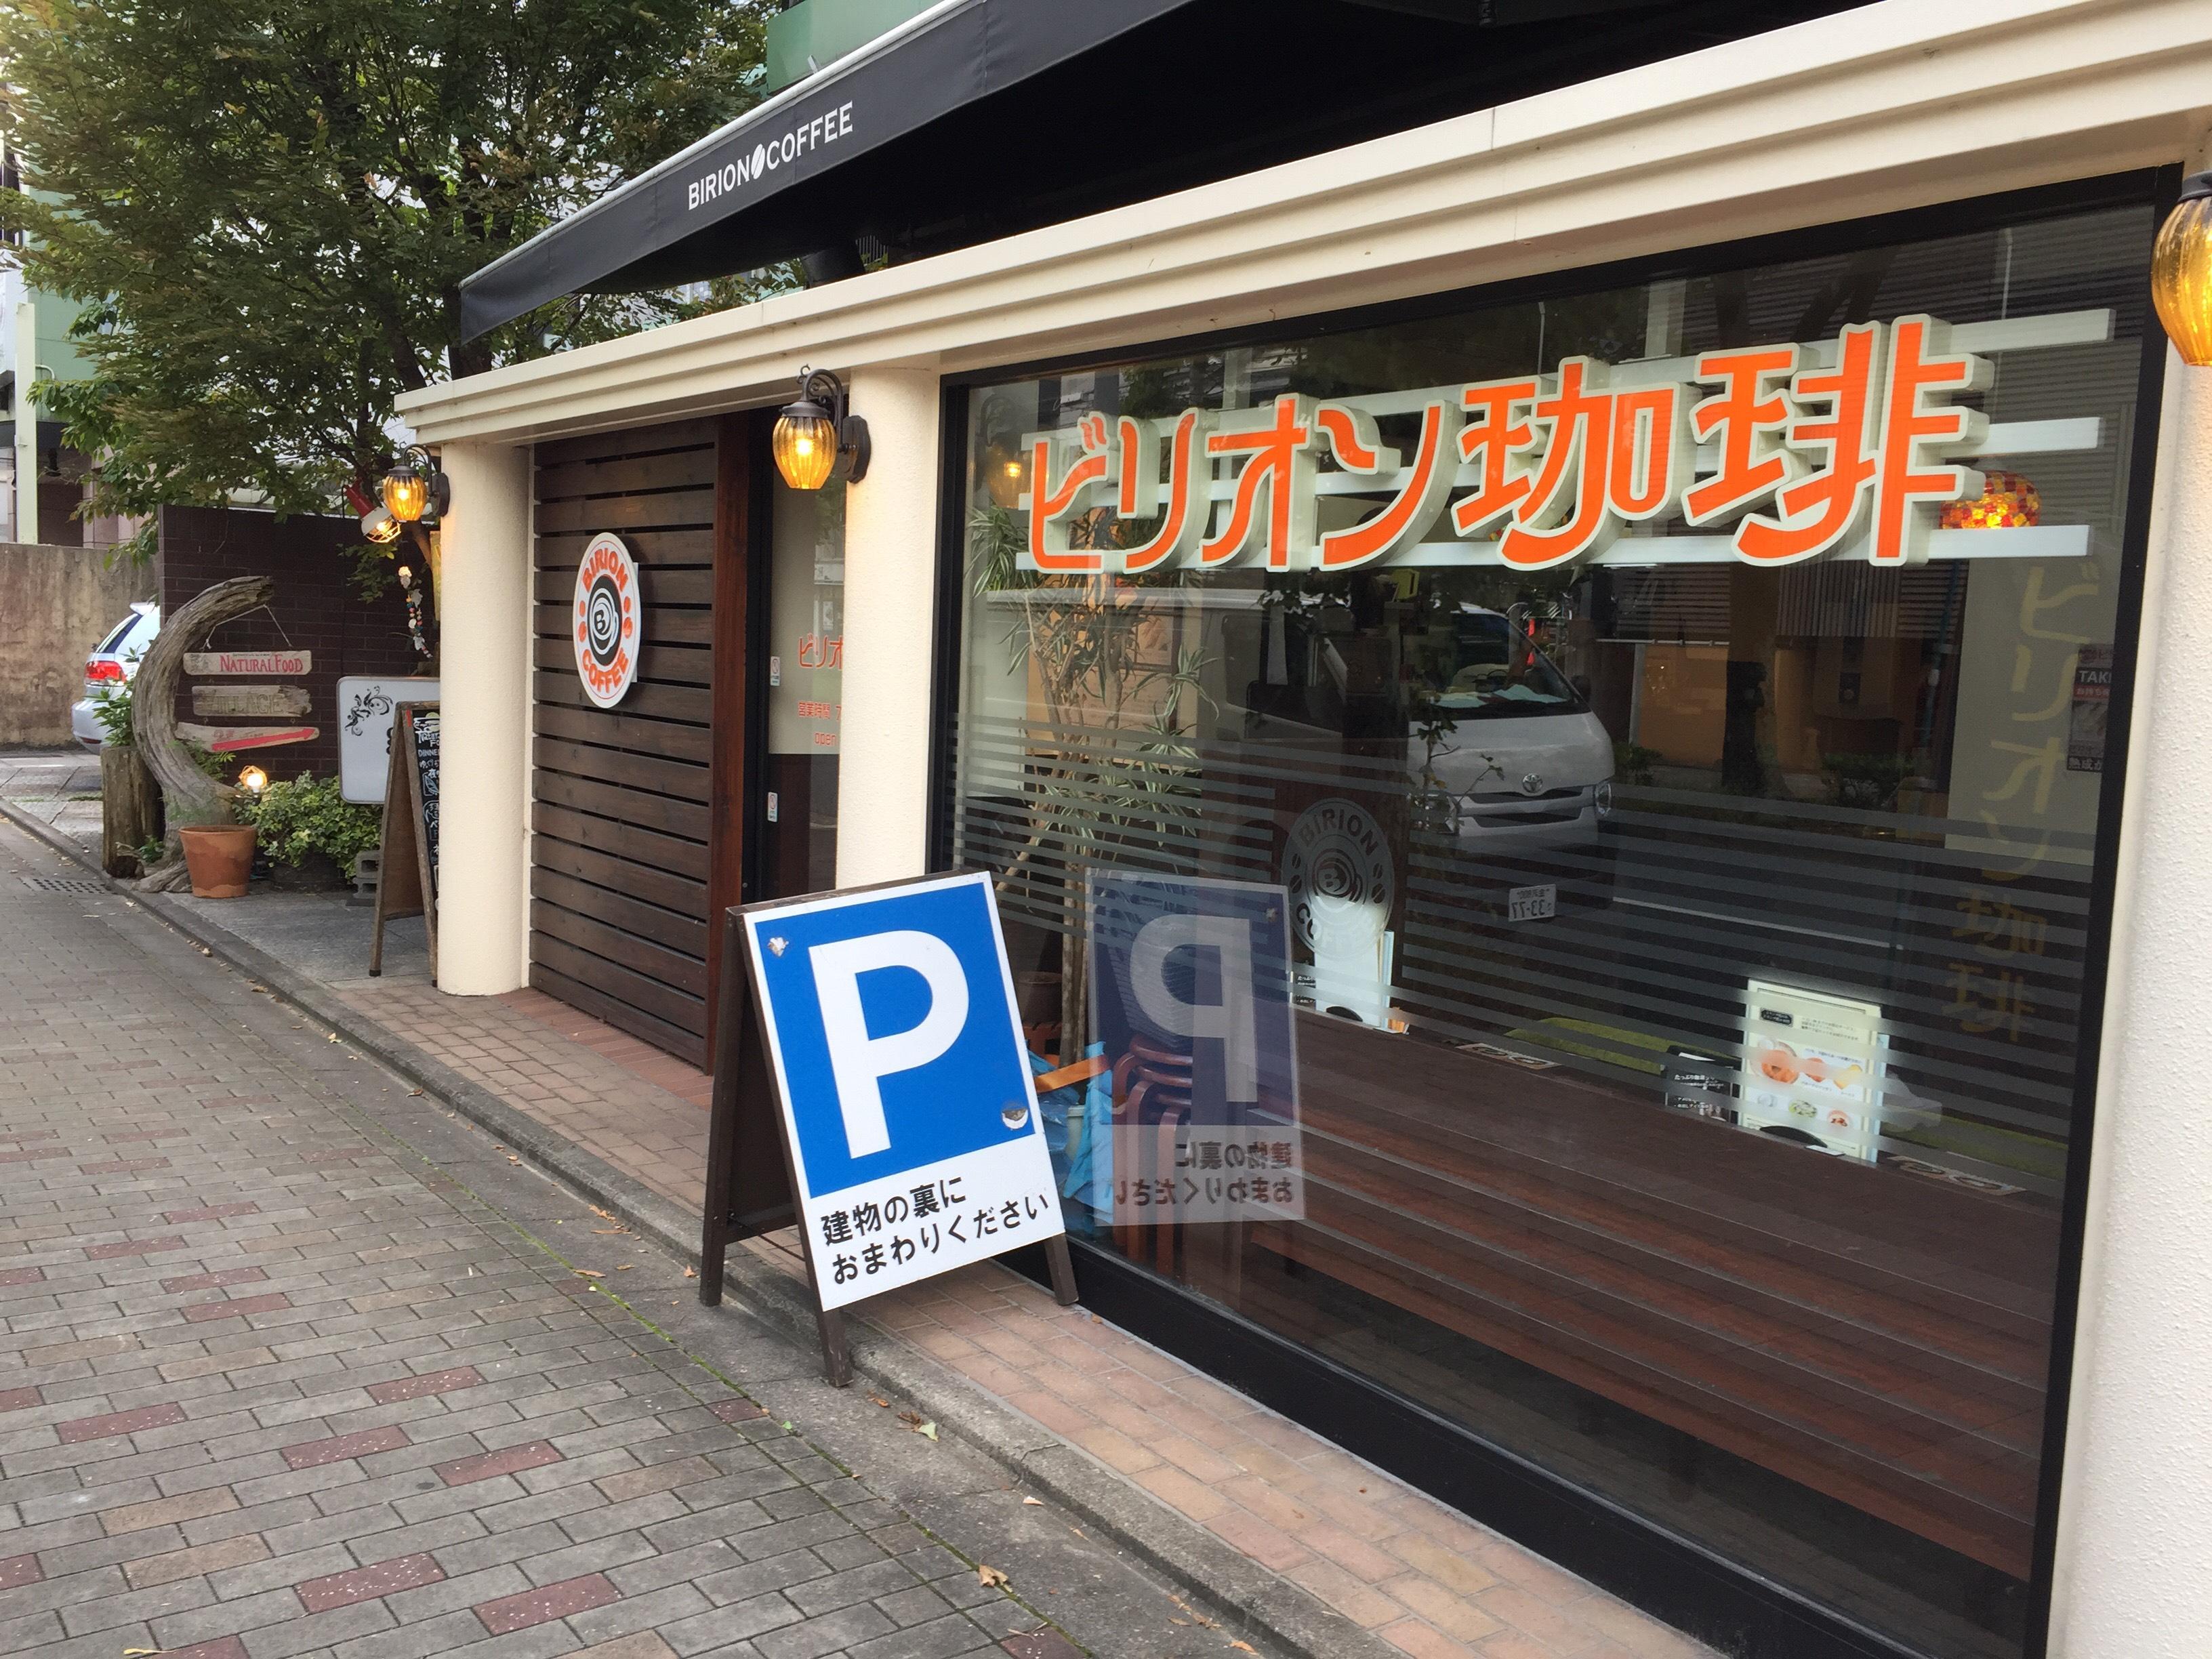 ビリオン珈琲 京都北白川店